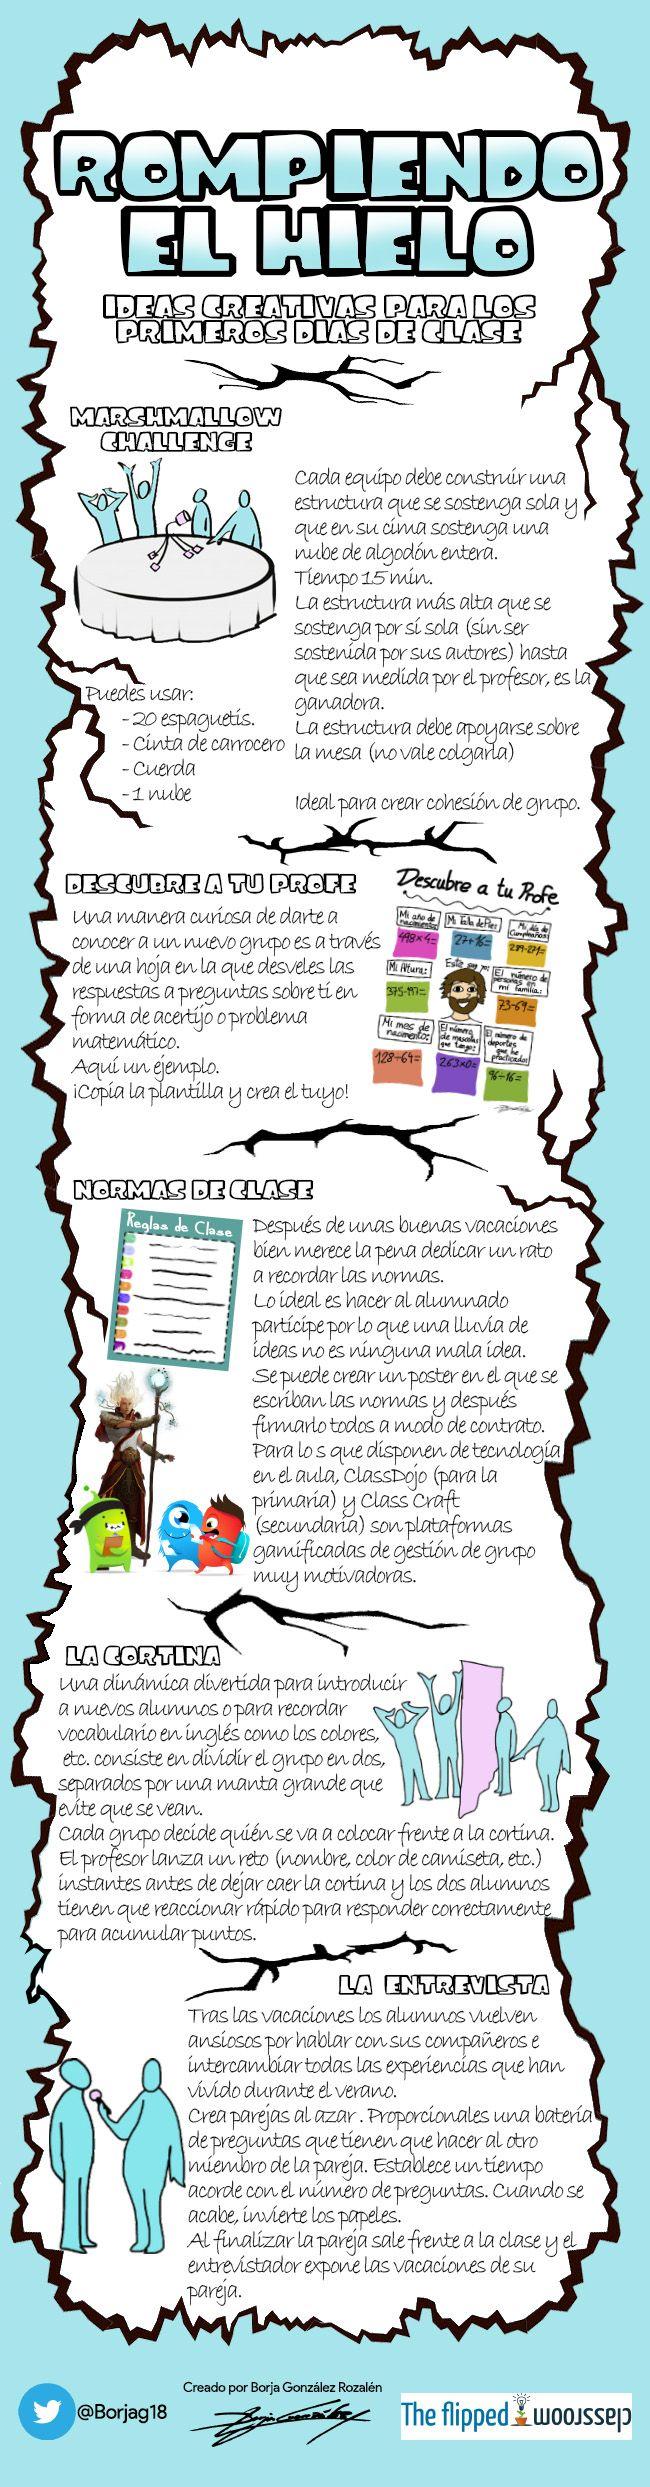 Rompiendo el hielo - Ideas creativas para los primeros días de clase | The Flipped Classroom